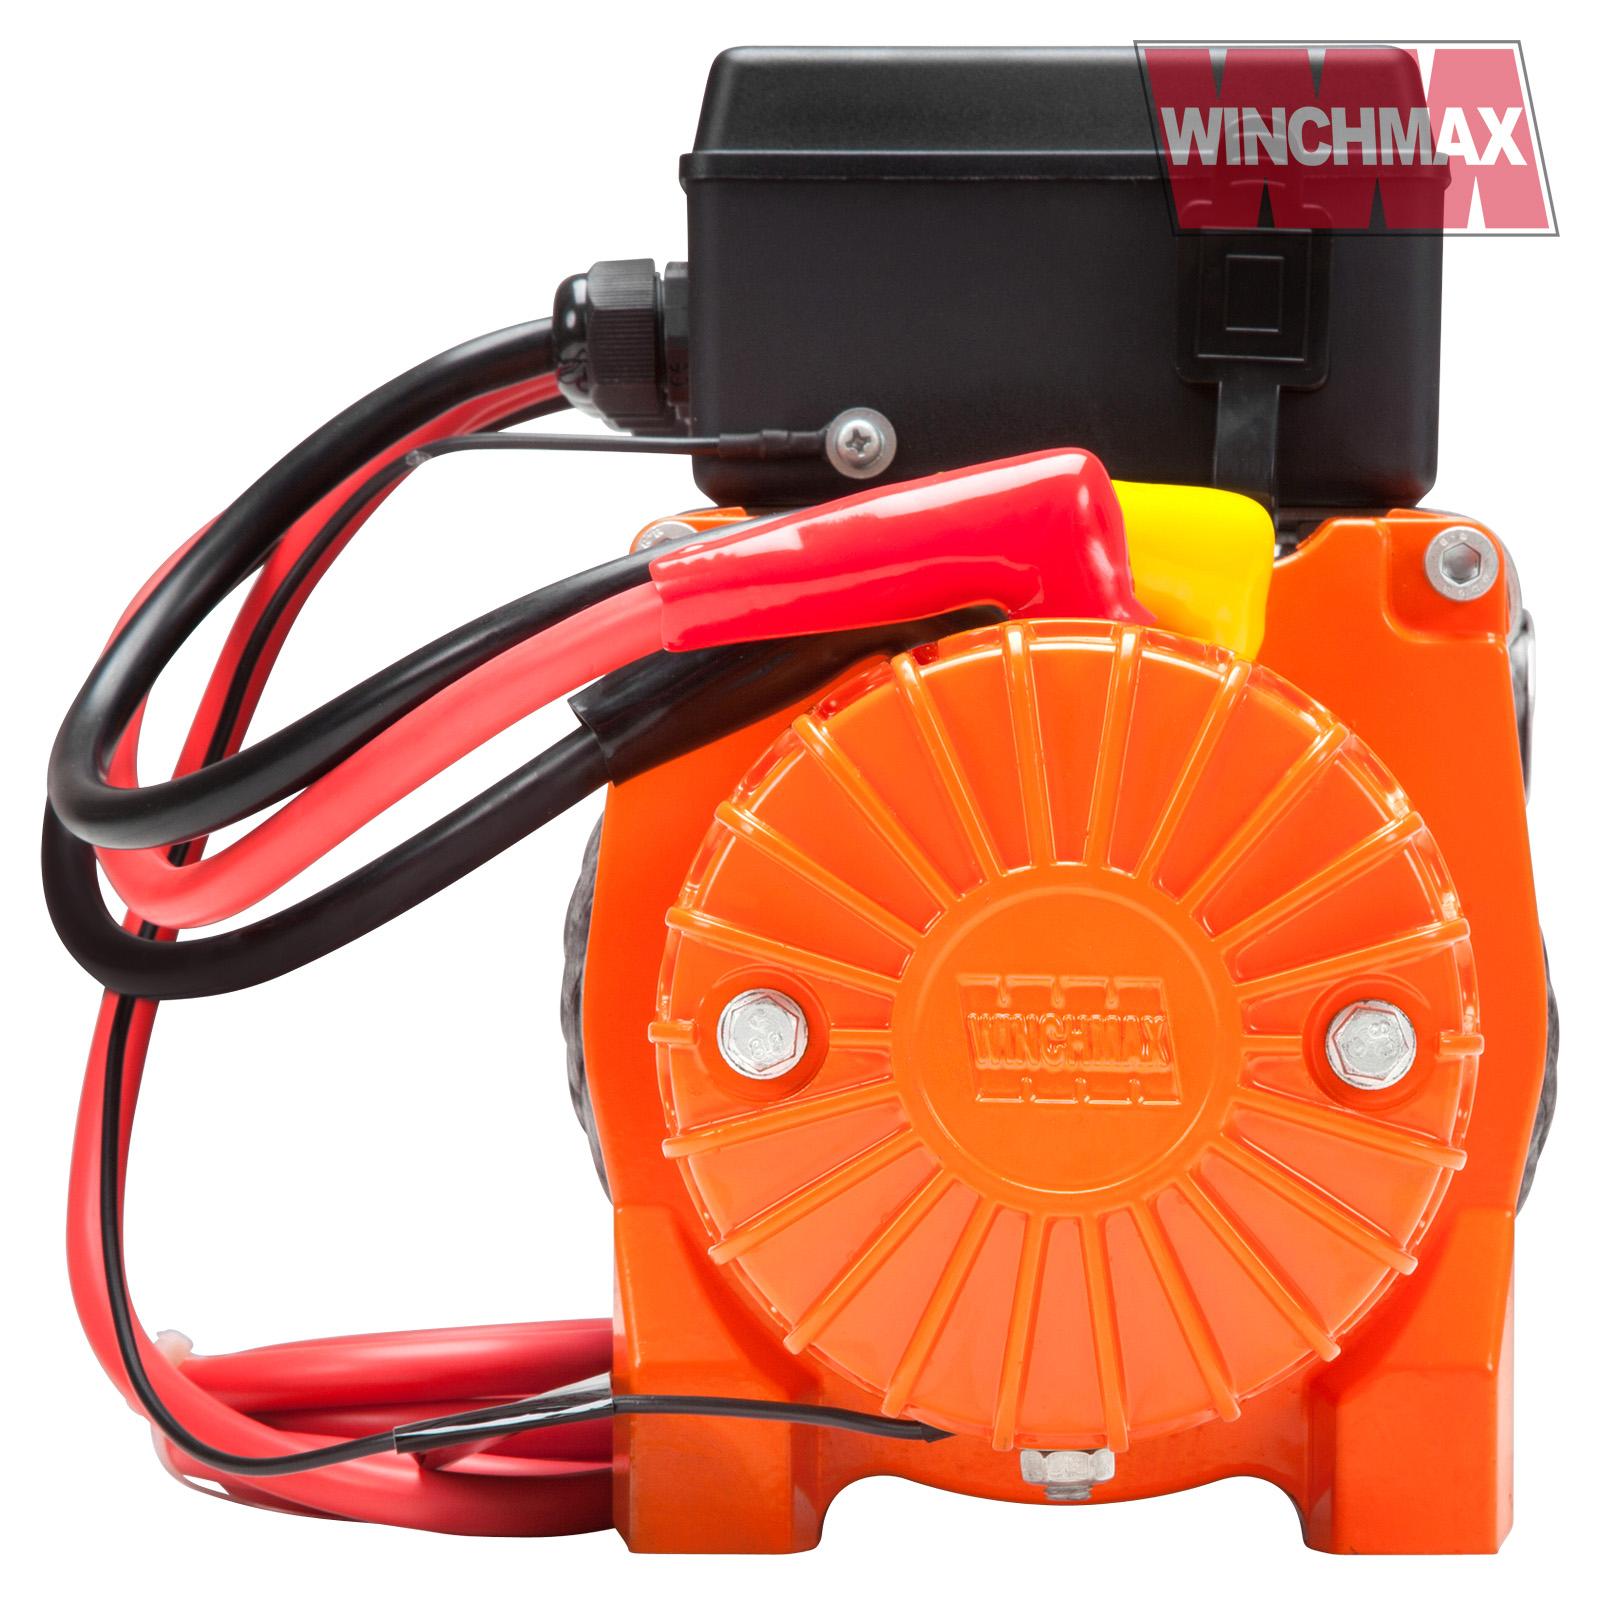 Wm1350024vrs winchmax 10